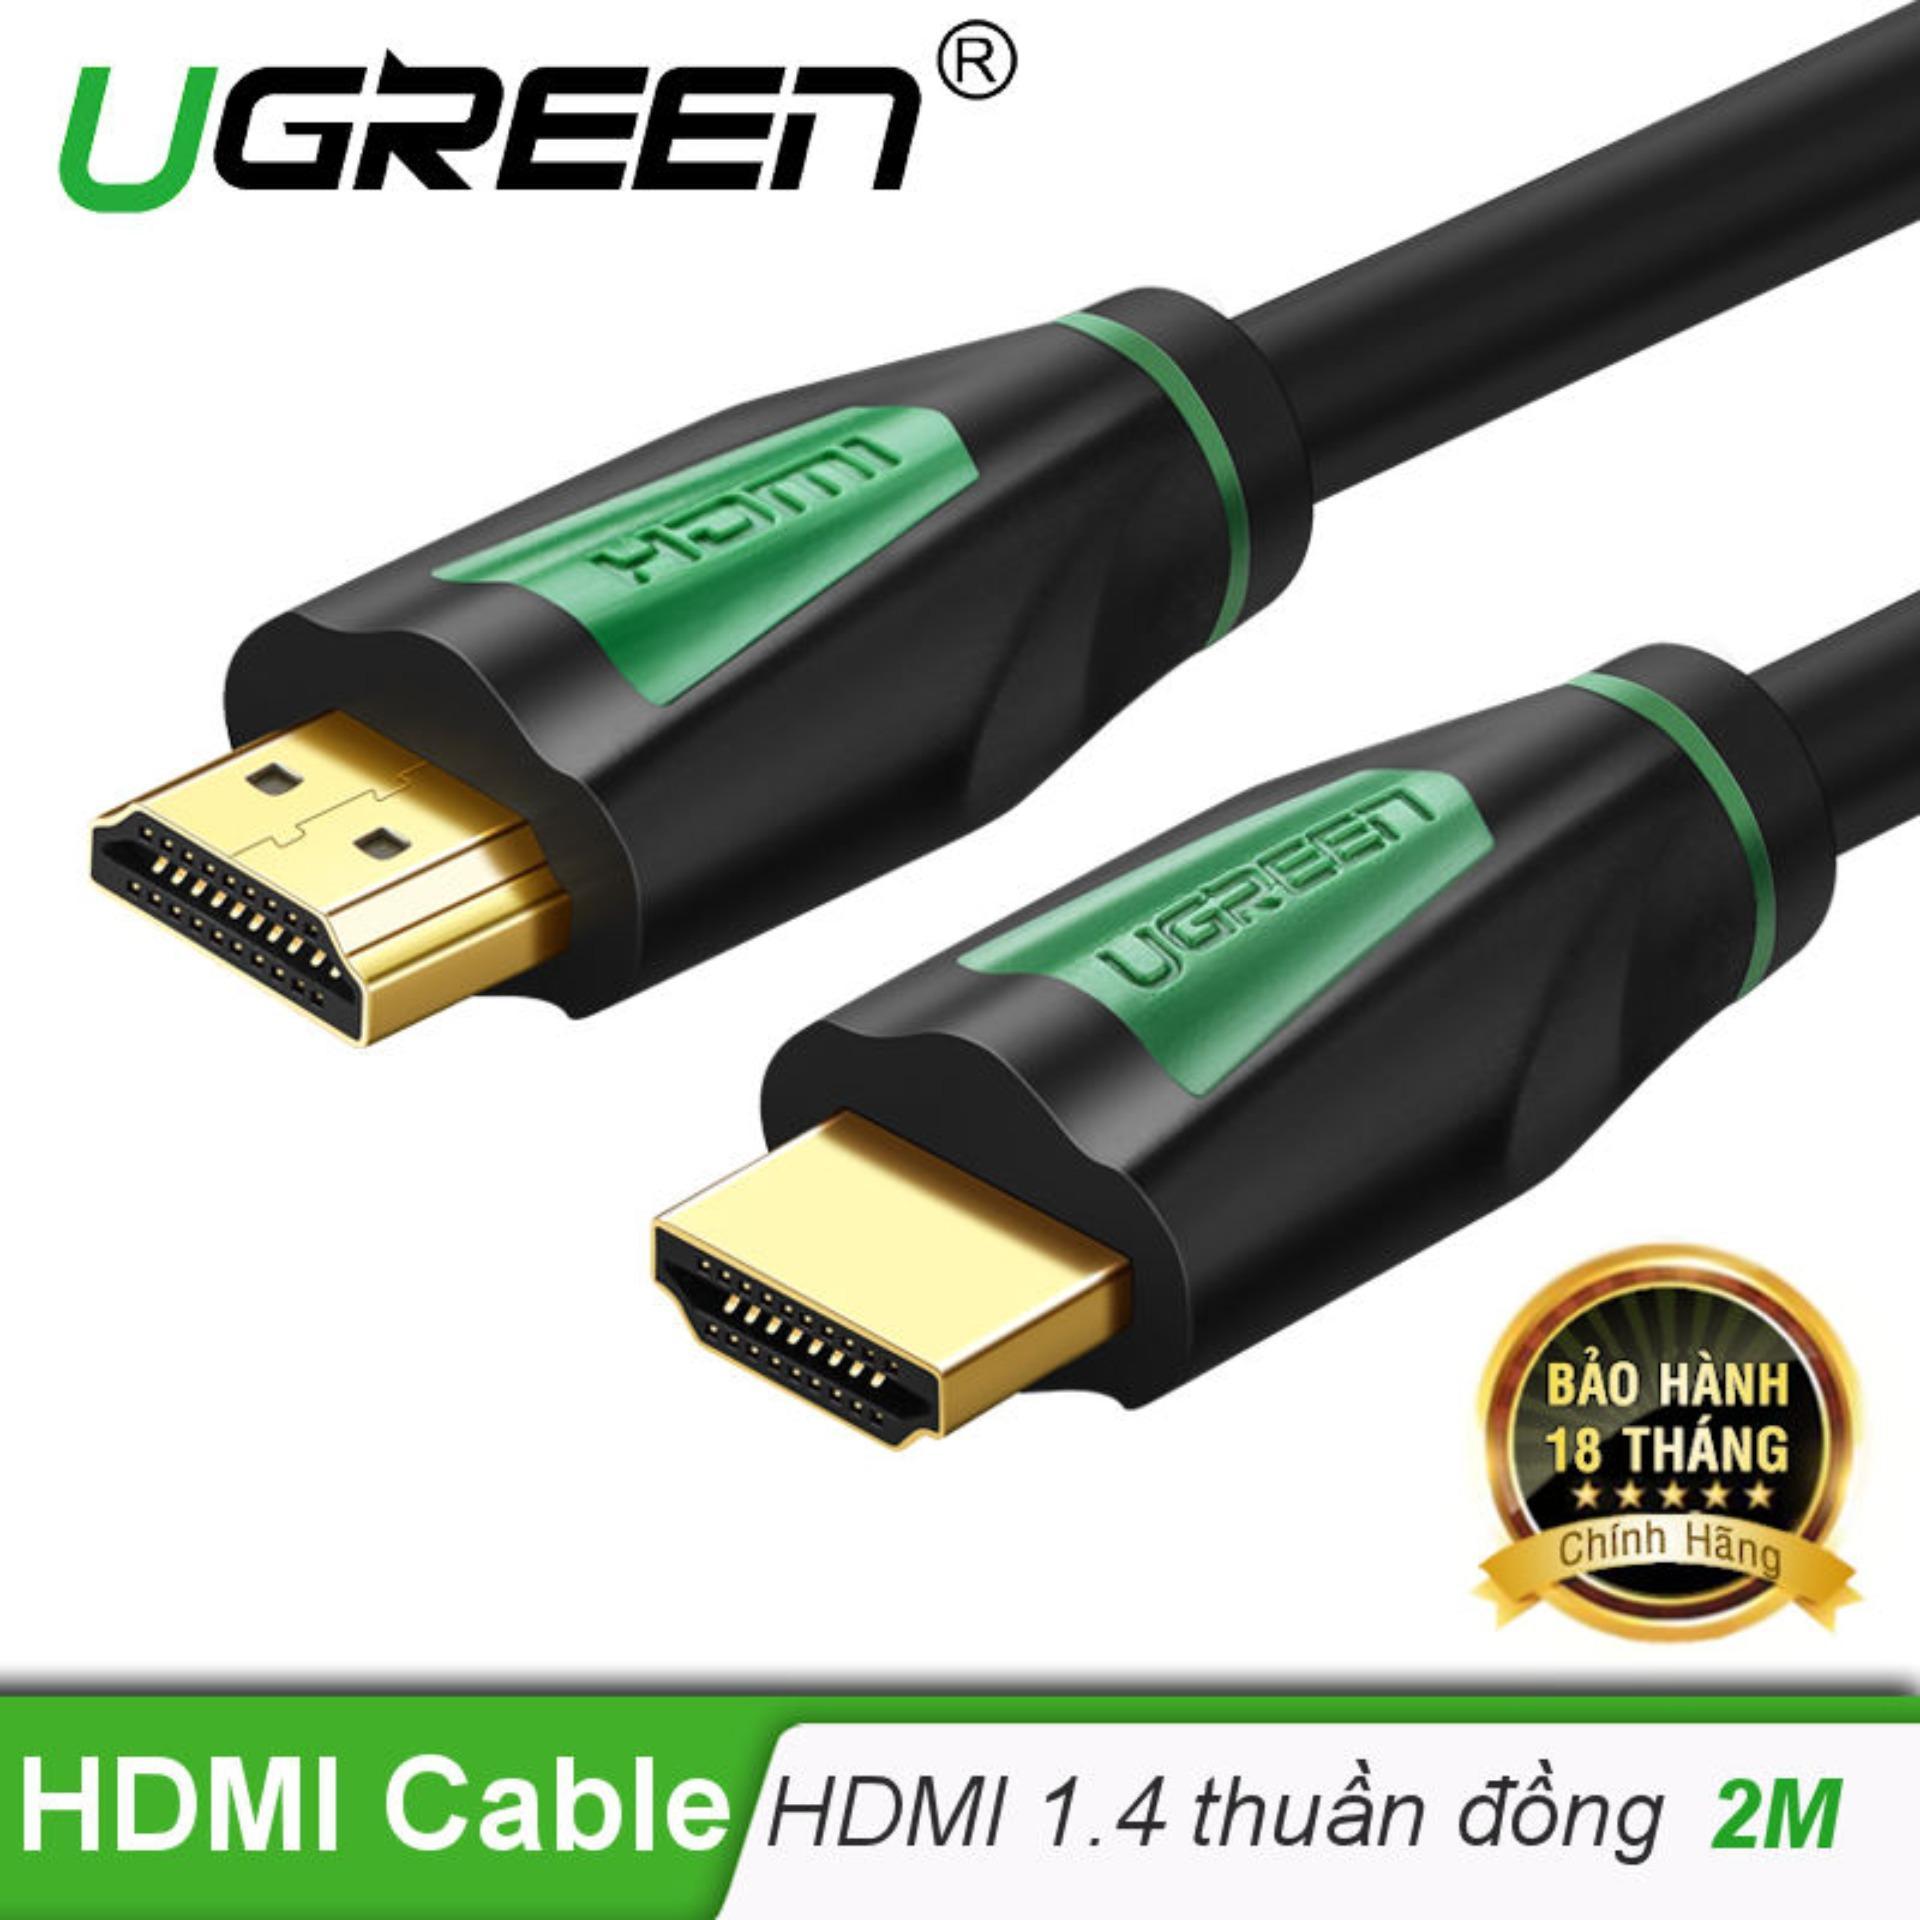 Dây HDMI 1.4 thuần đồng khử Oxy hóa, mạ vàng 24K dài 2M UGREEN HD116 30191 - Hãng phân phối...